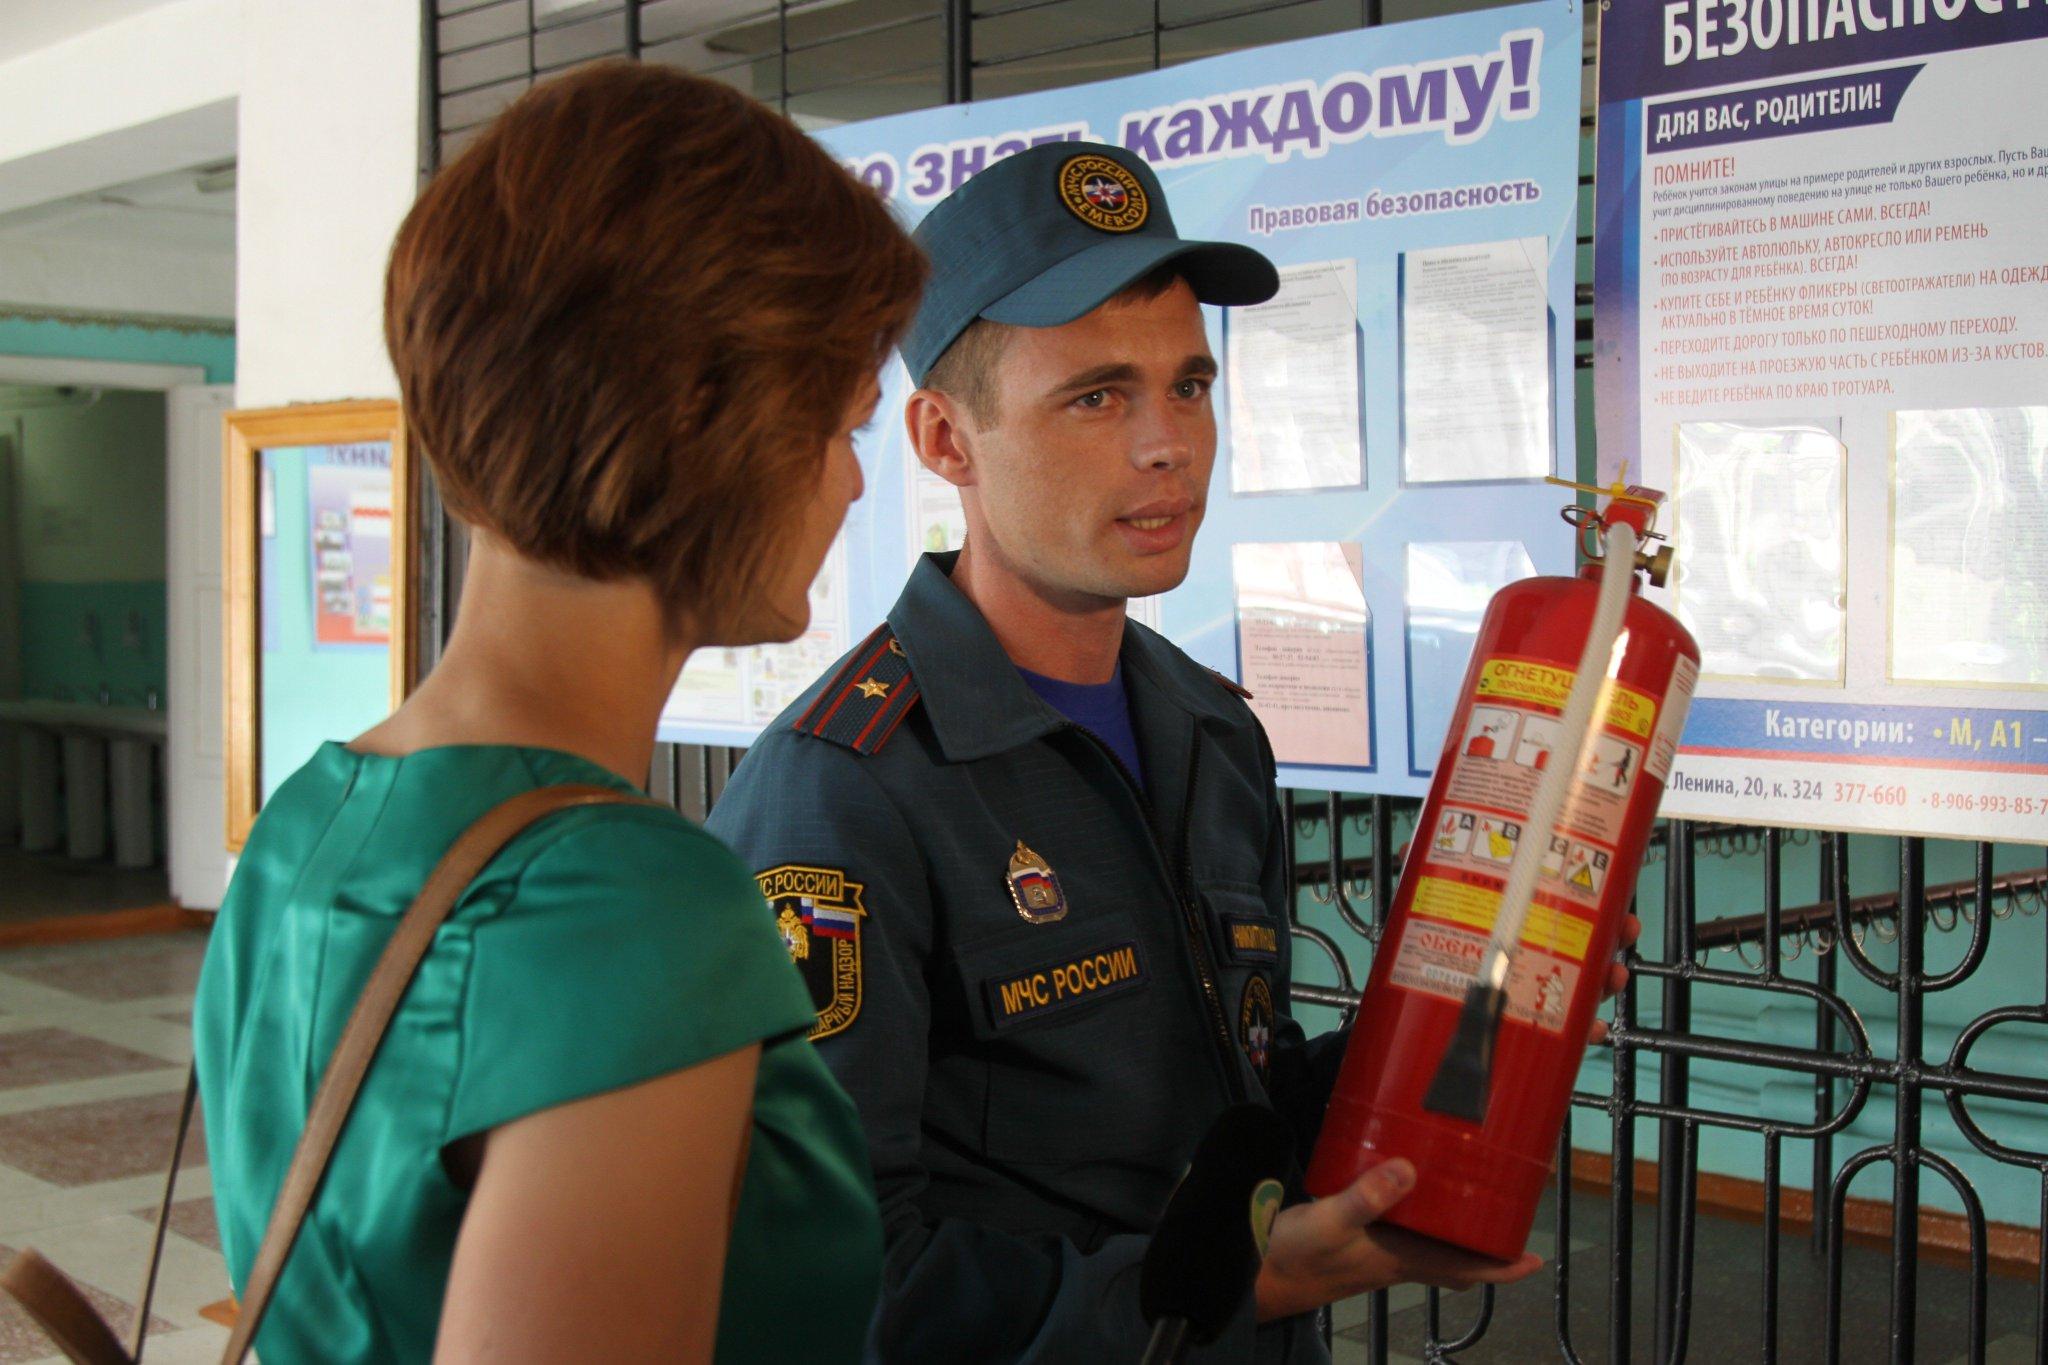 Сотрудники МЧС регулярно проводят занятия по пожарной безопасности с персоналом, детьми и их родителями.